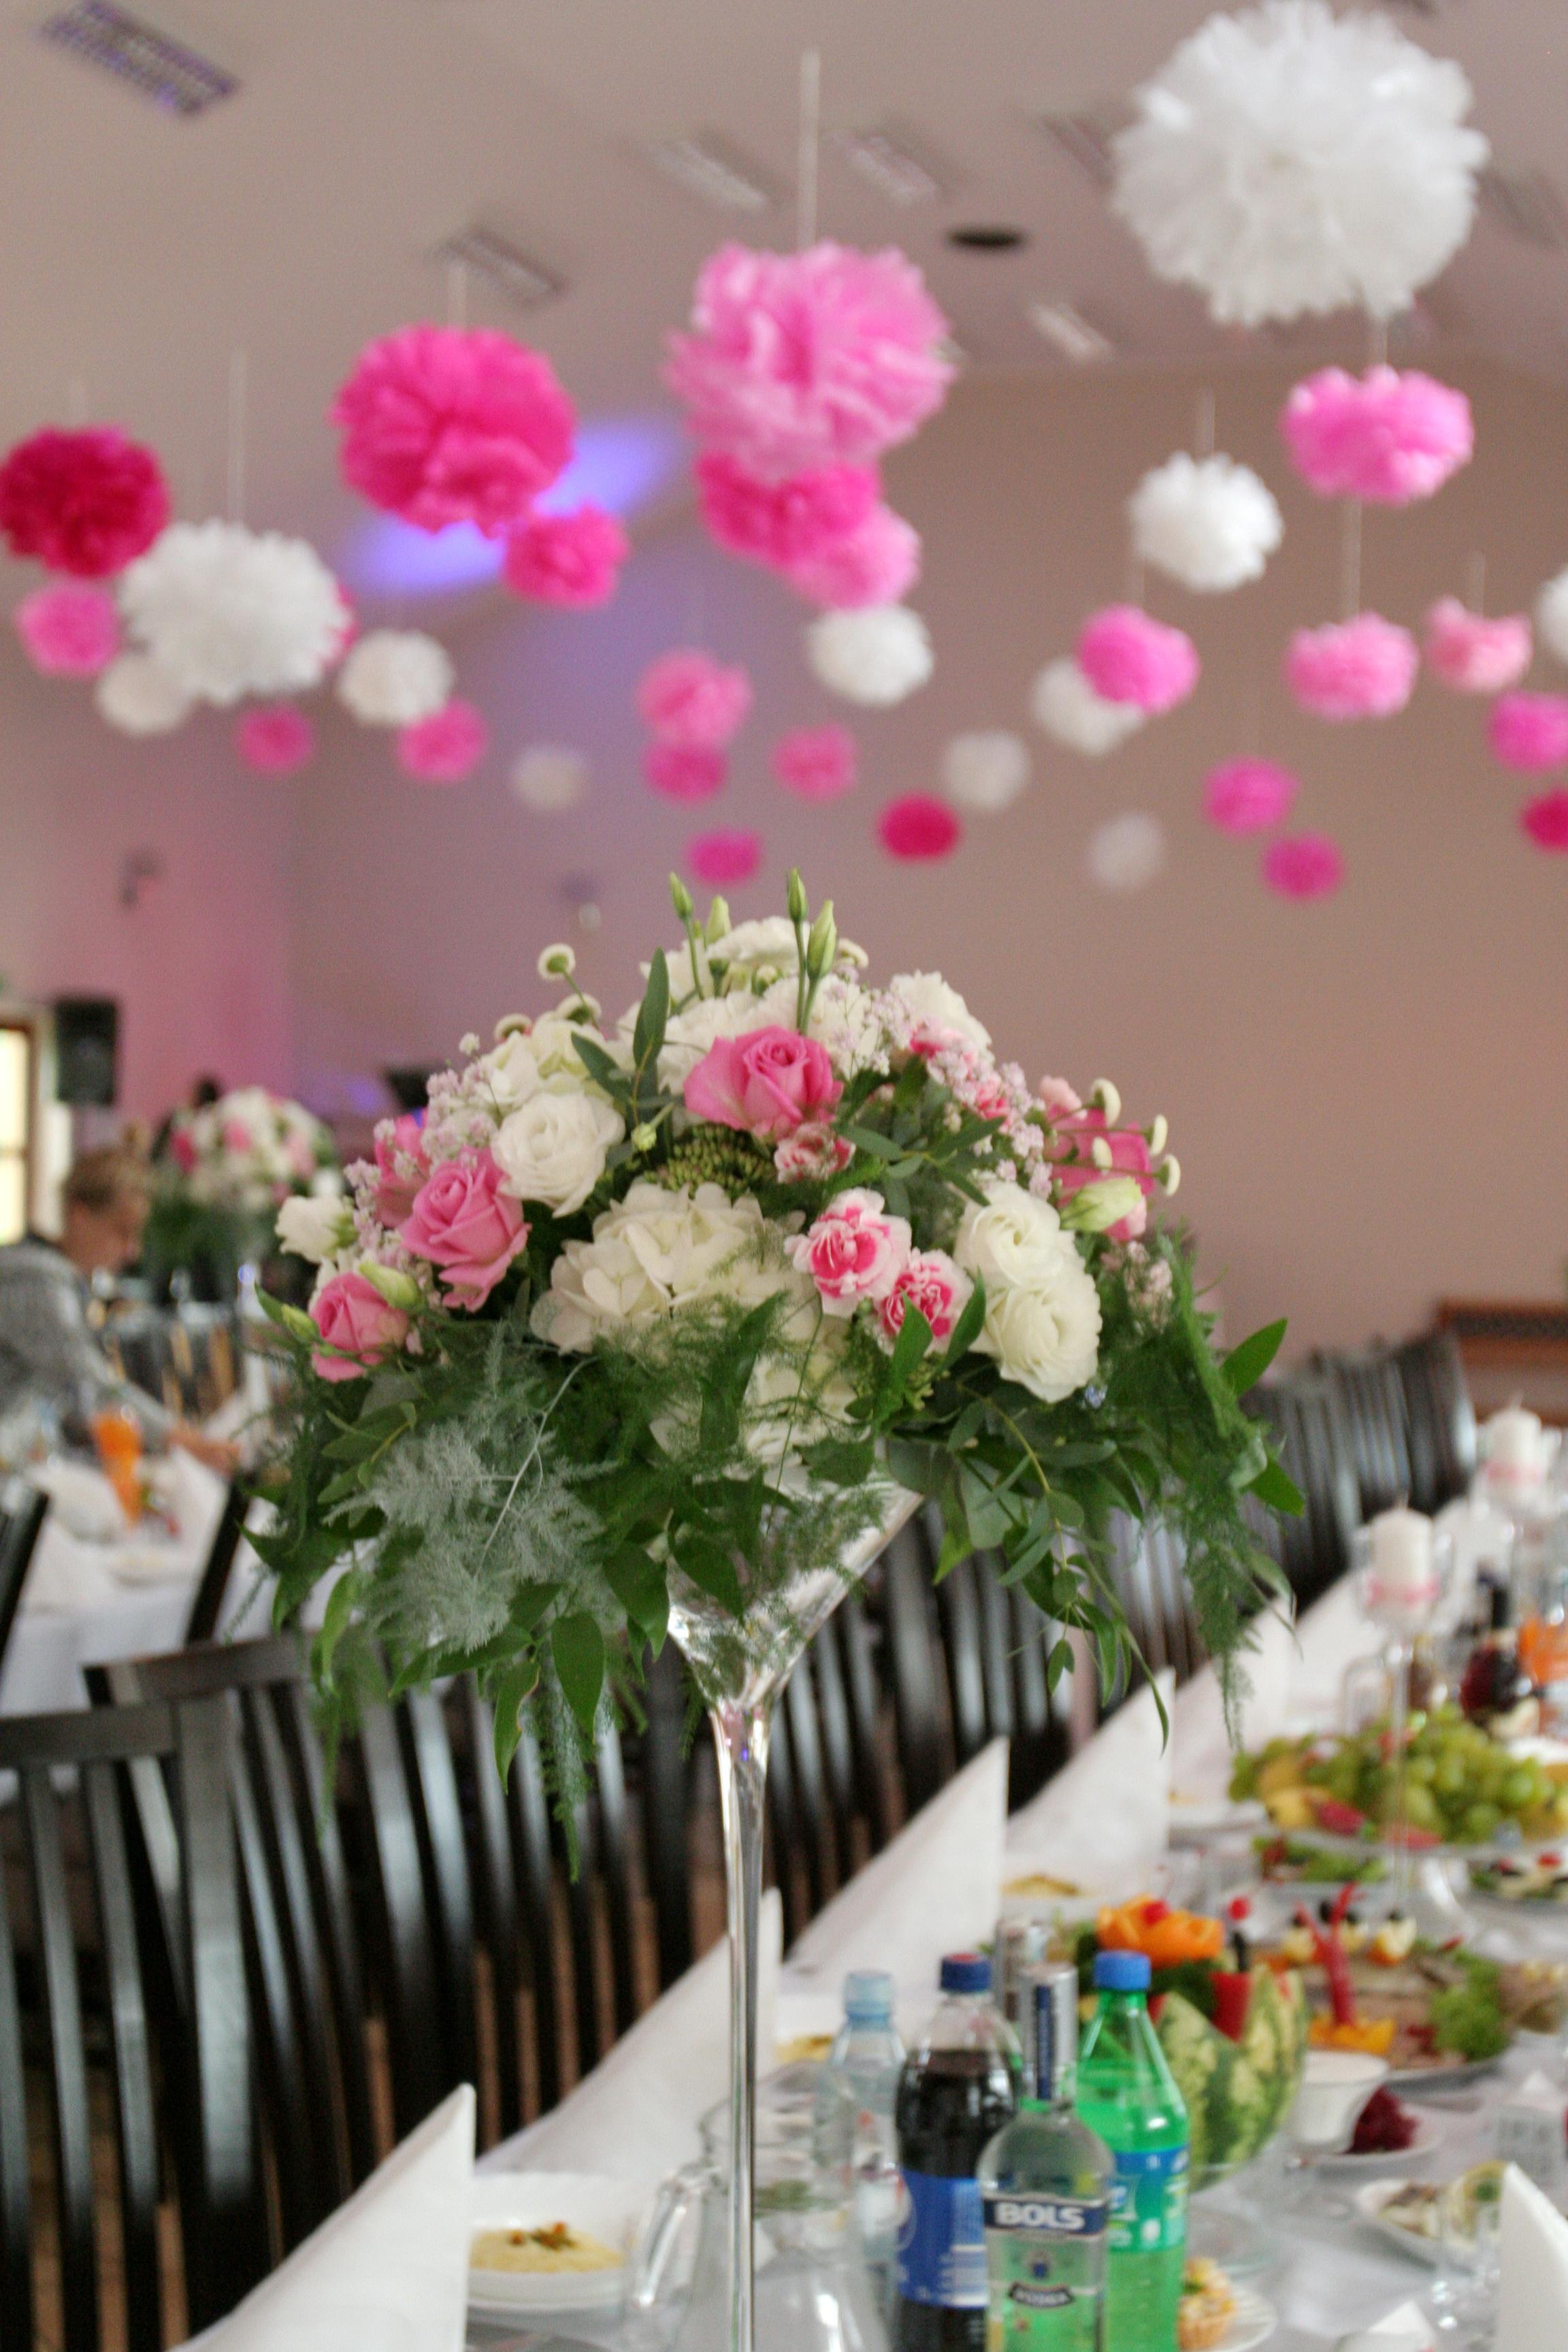 Dekoracje ślubne Dekoracja Sali Weselnej ślubne Dekoracje Wazony